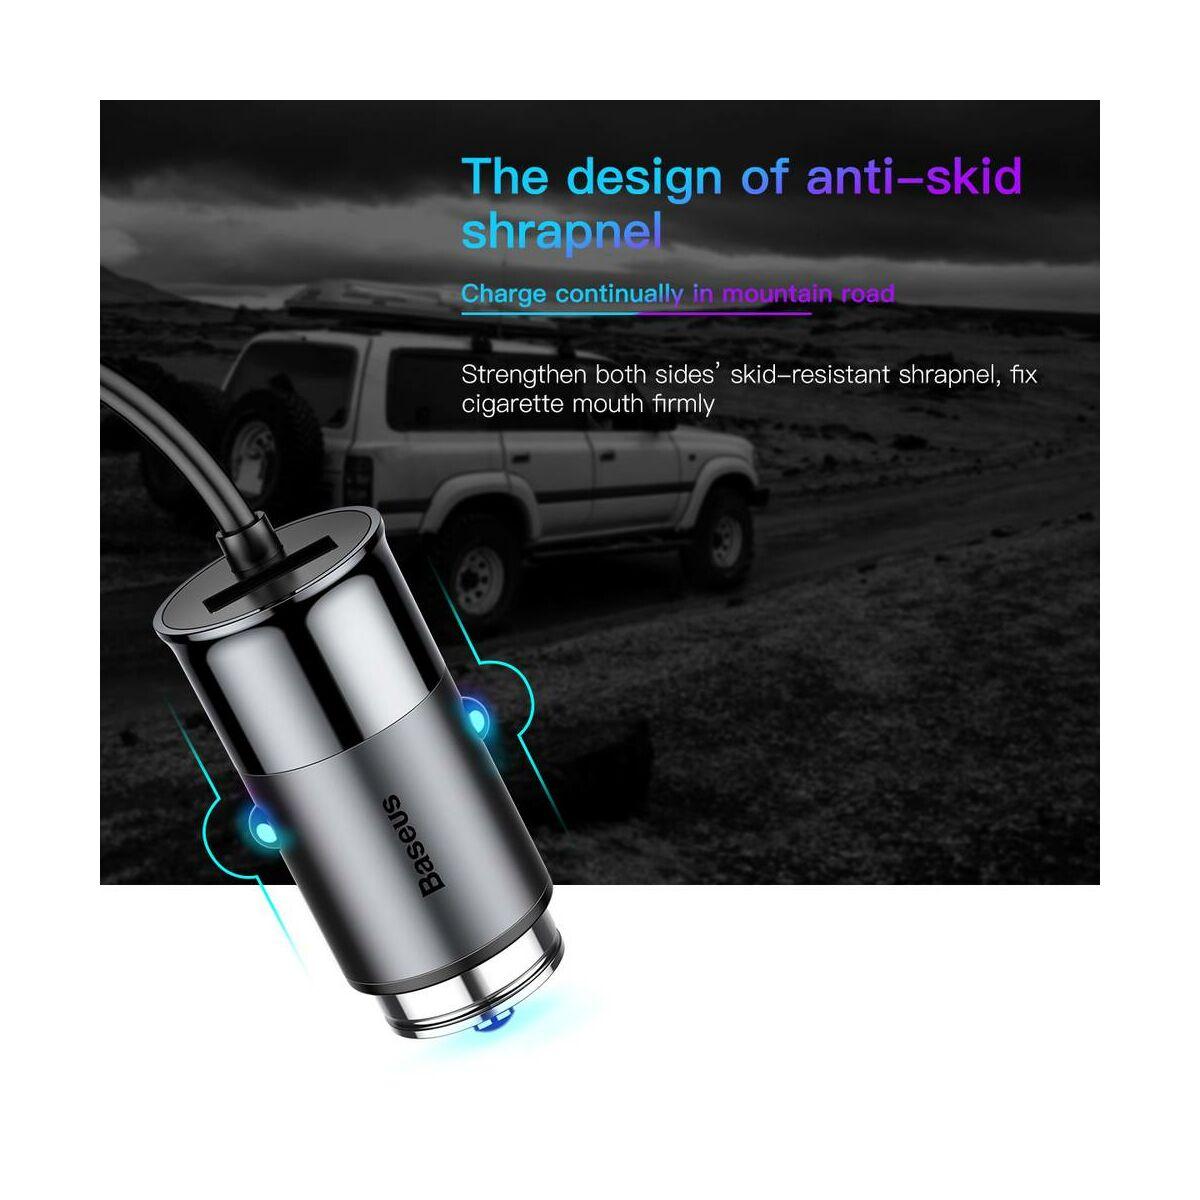 Baseus autós töltő, Enjoy Together 2-in-1 Lightning és Type-C, 4.8A, 1.2m, sötétszürke (CCALL-EL0G)